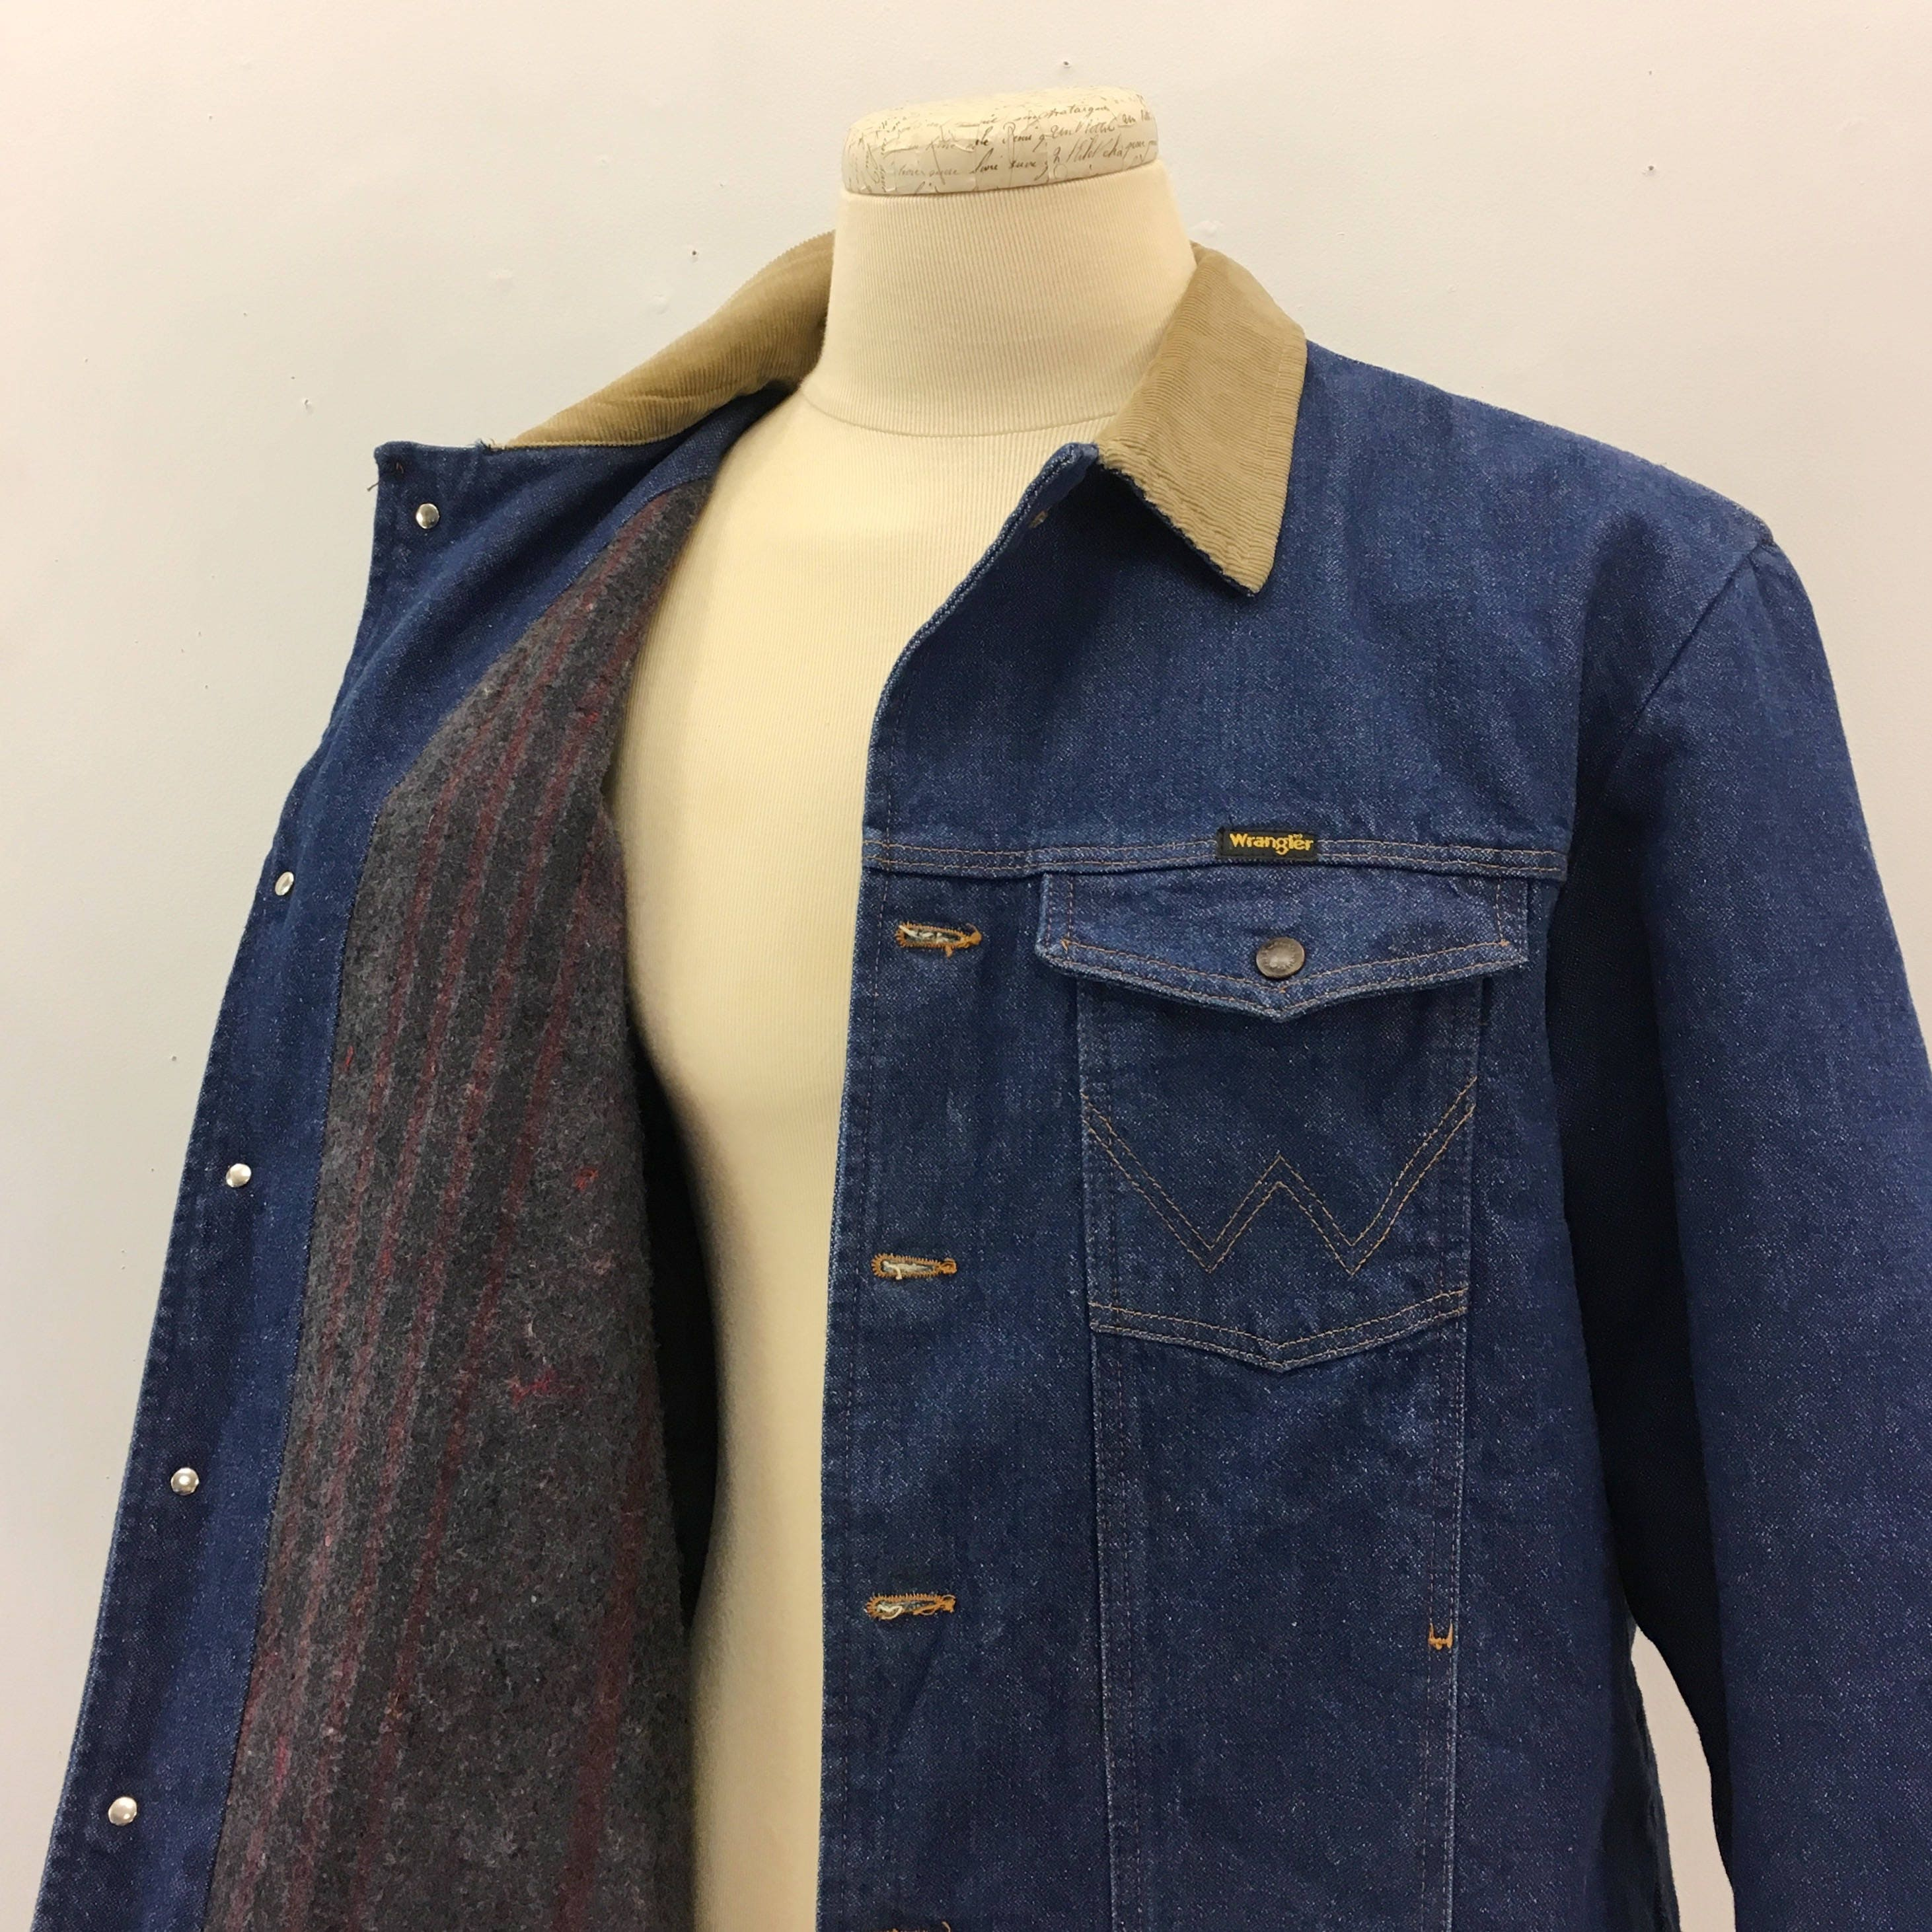 Herren Wrangler Jeansjacke Vintage 1970 authentischen